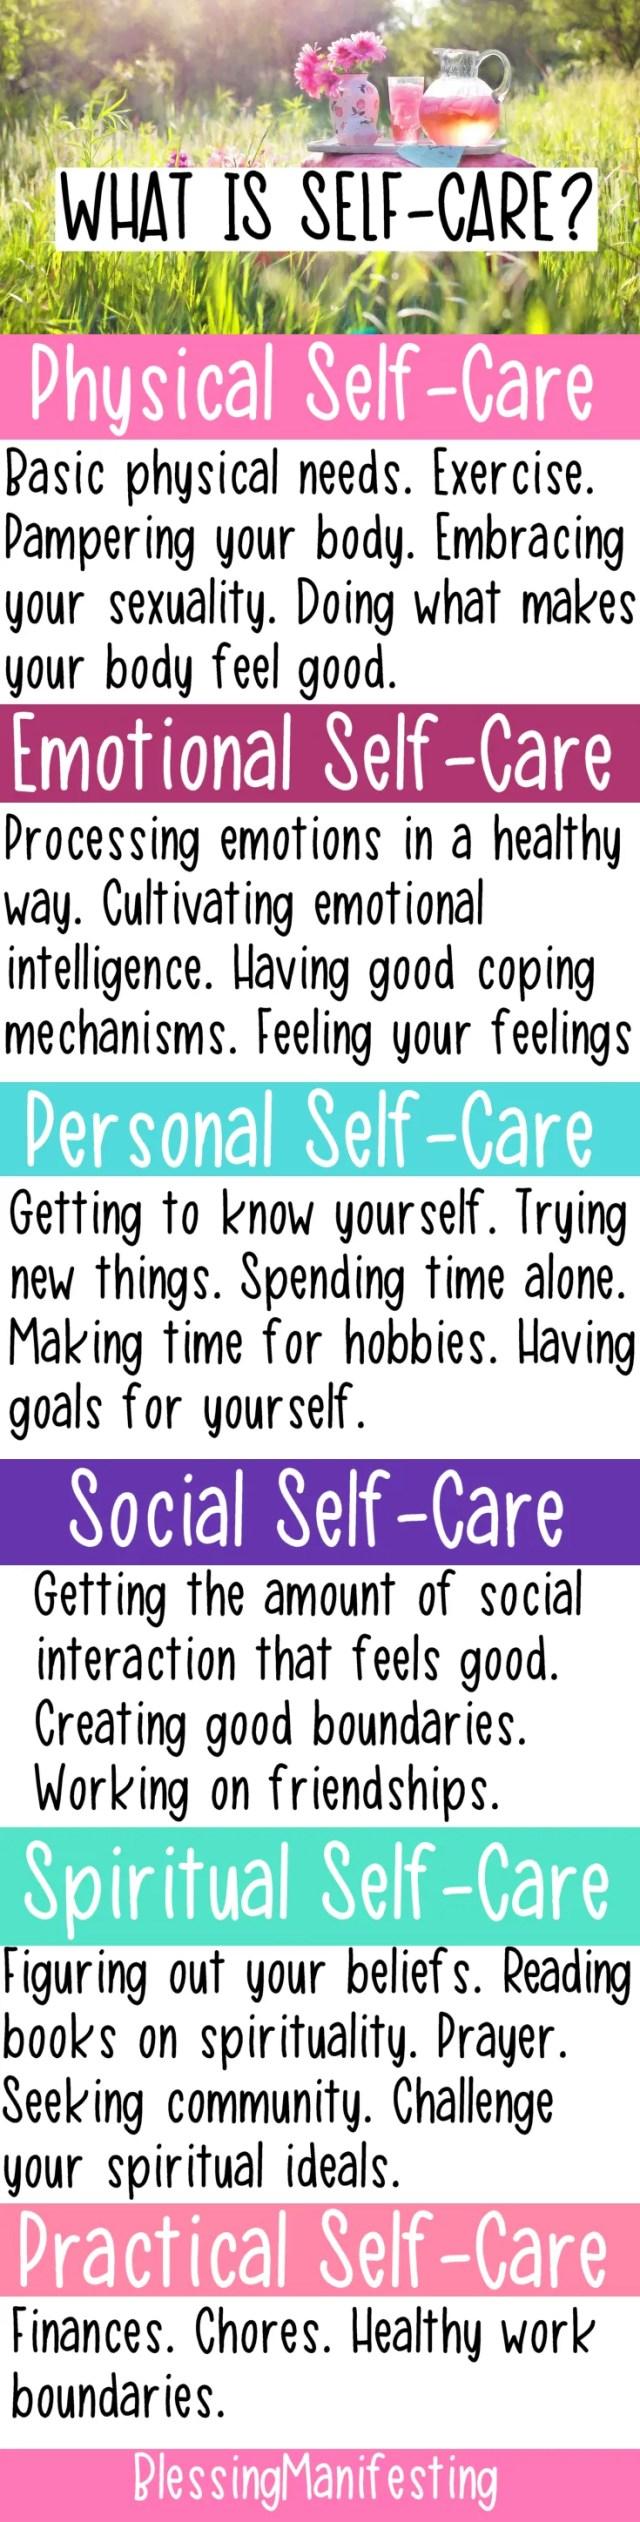 self-care pin